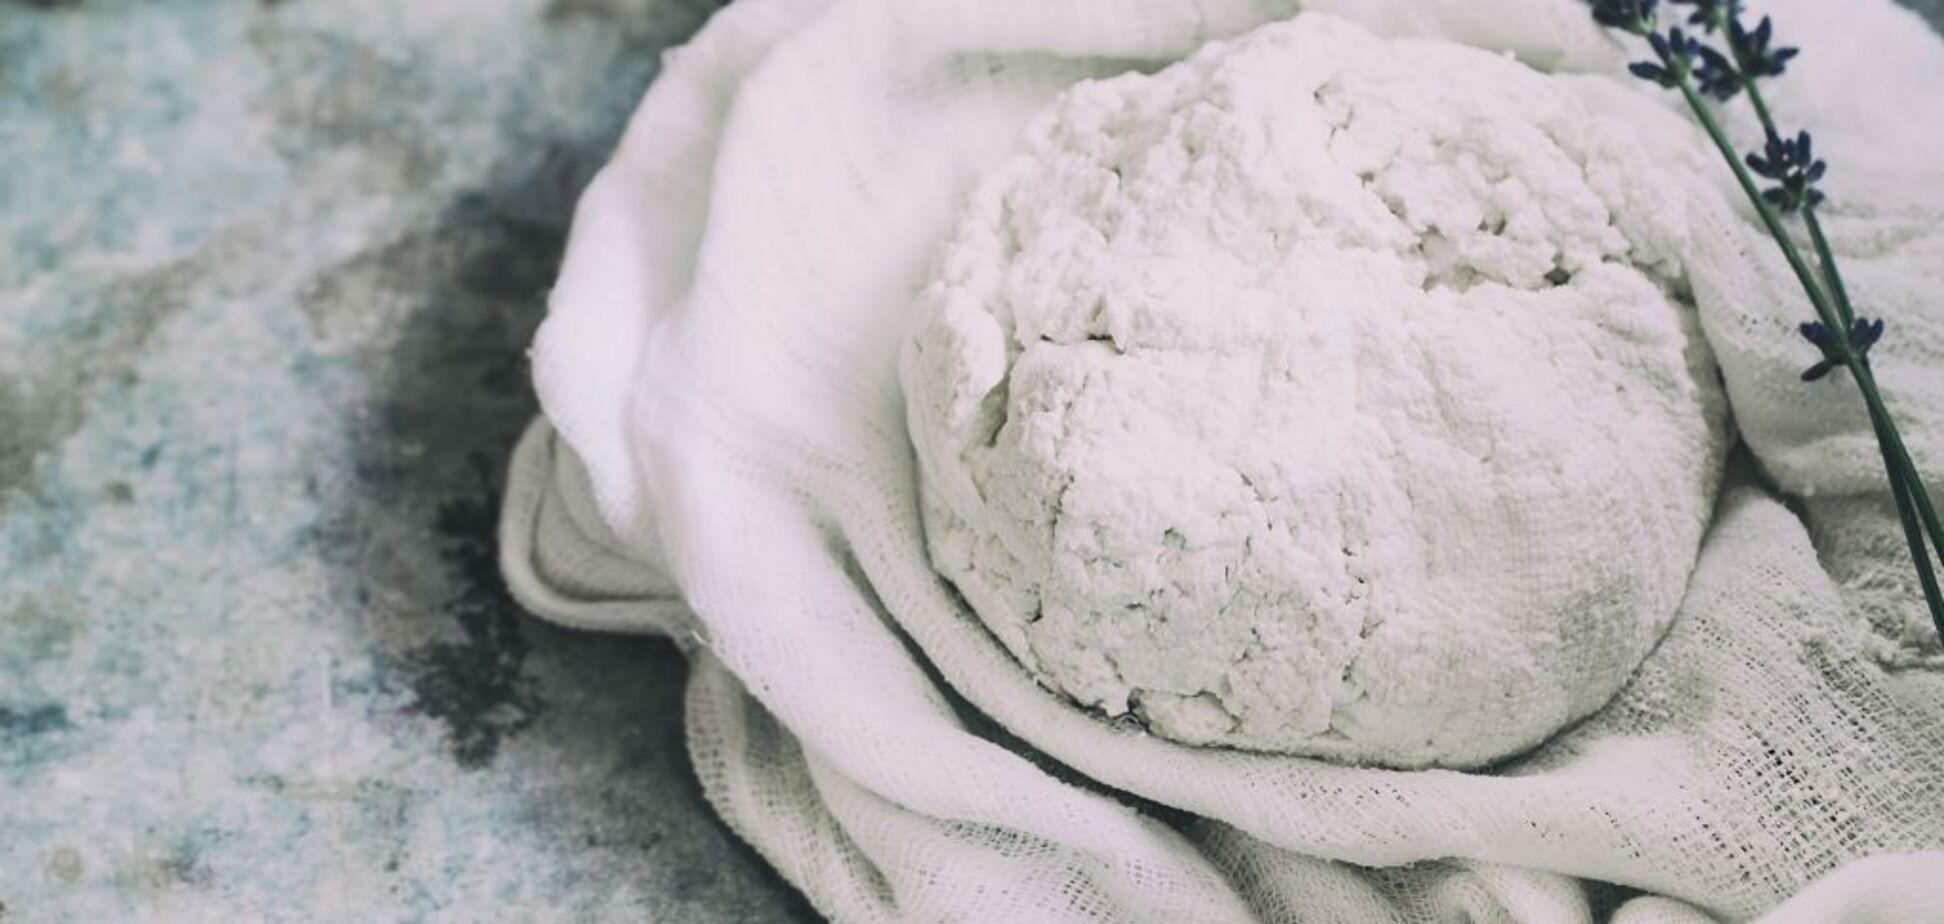 Дієтологи вважають сир і кефір небезпечними продуктами